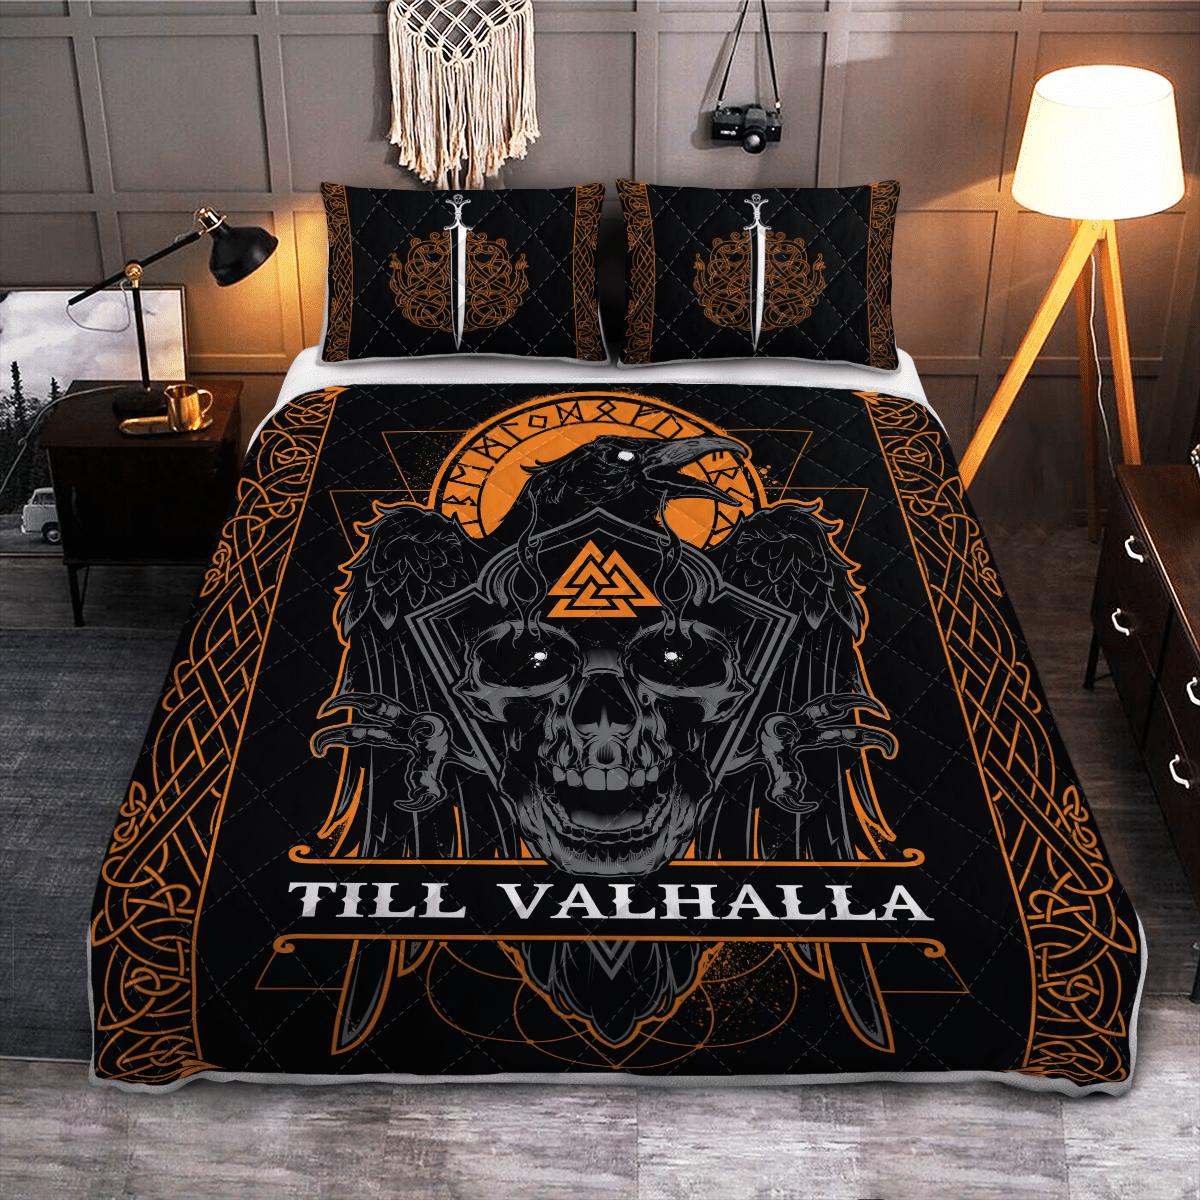 Viking Raven Till Valhalla Quilt Bedding Set